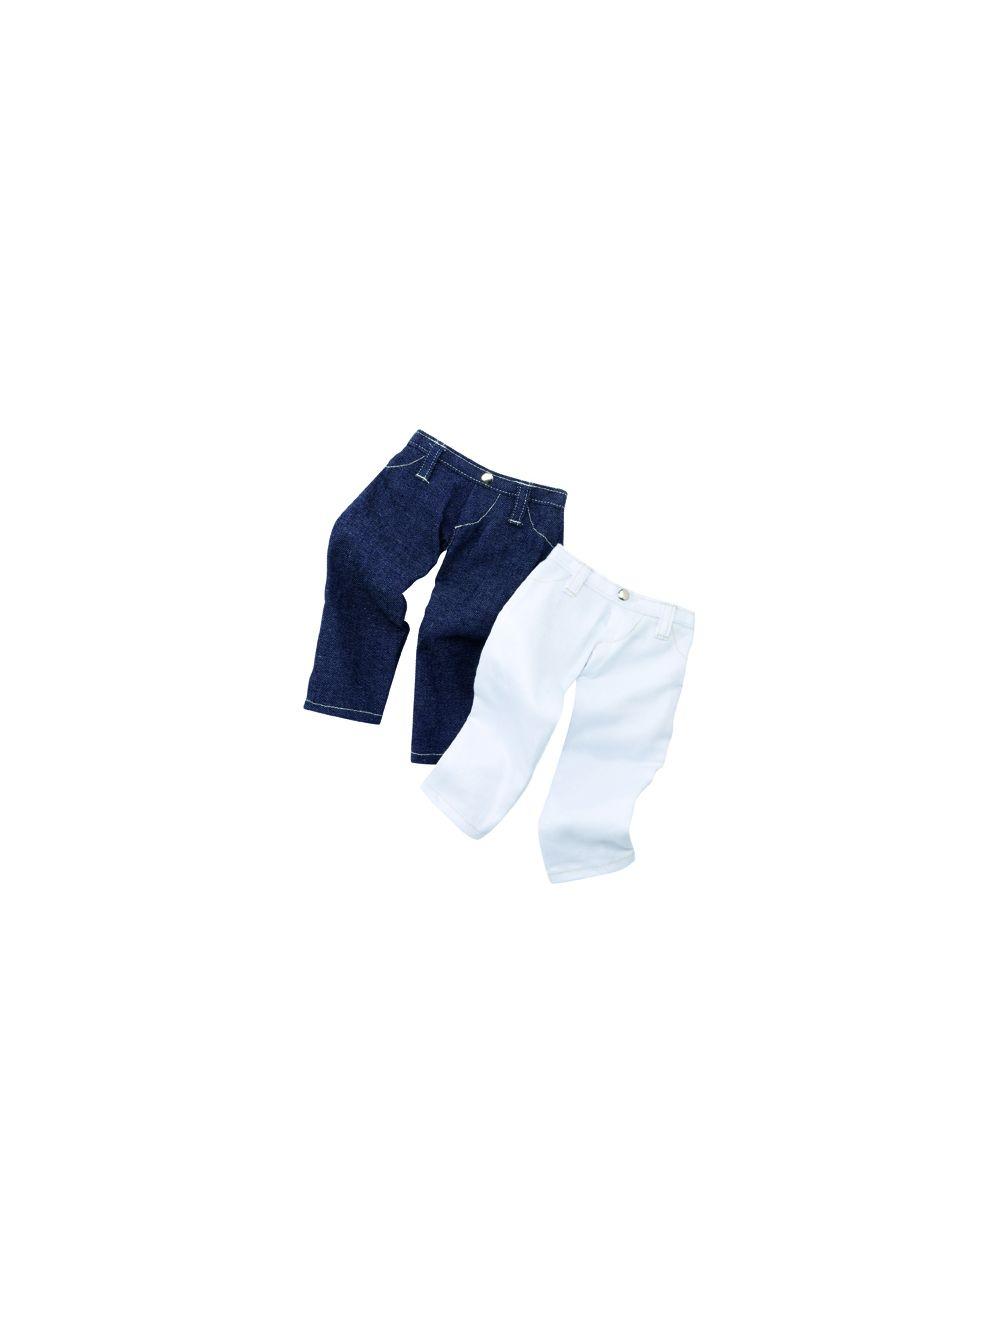 Püksid - 2 paari teksaseid